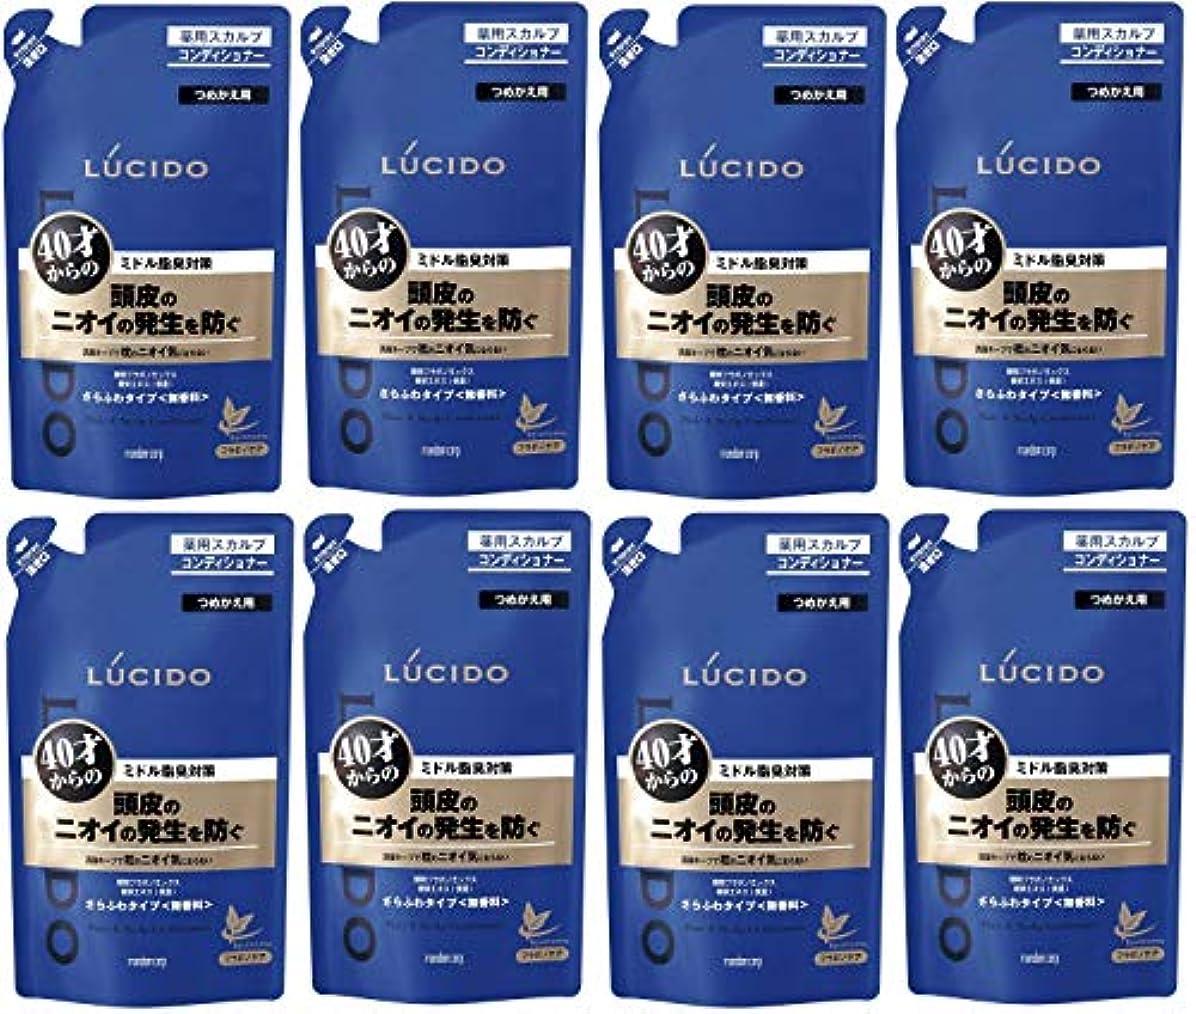 引数コロニー本当のことを言うと【まとめ買い】ルシード 薬用ヘア&スカルプコンディショナー つめかえ用 380g(医薬部外品)×8個